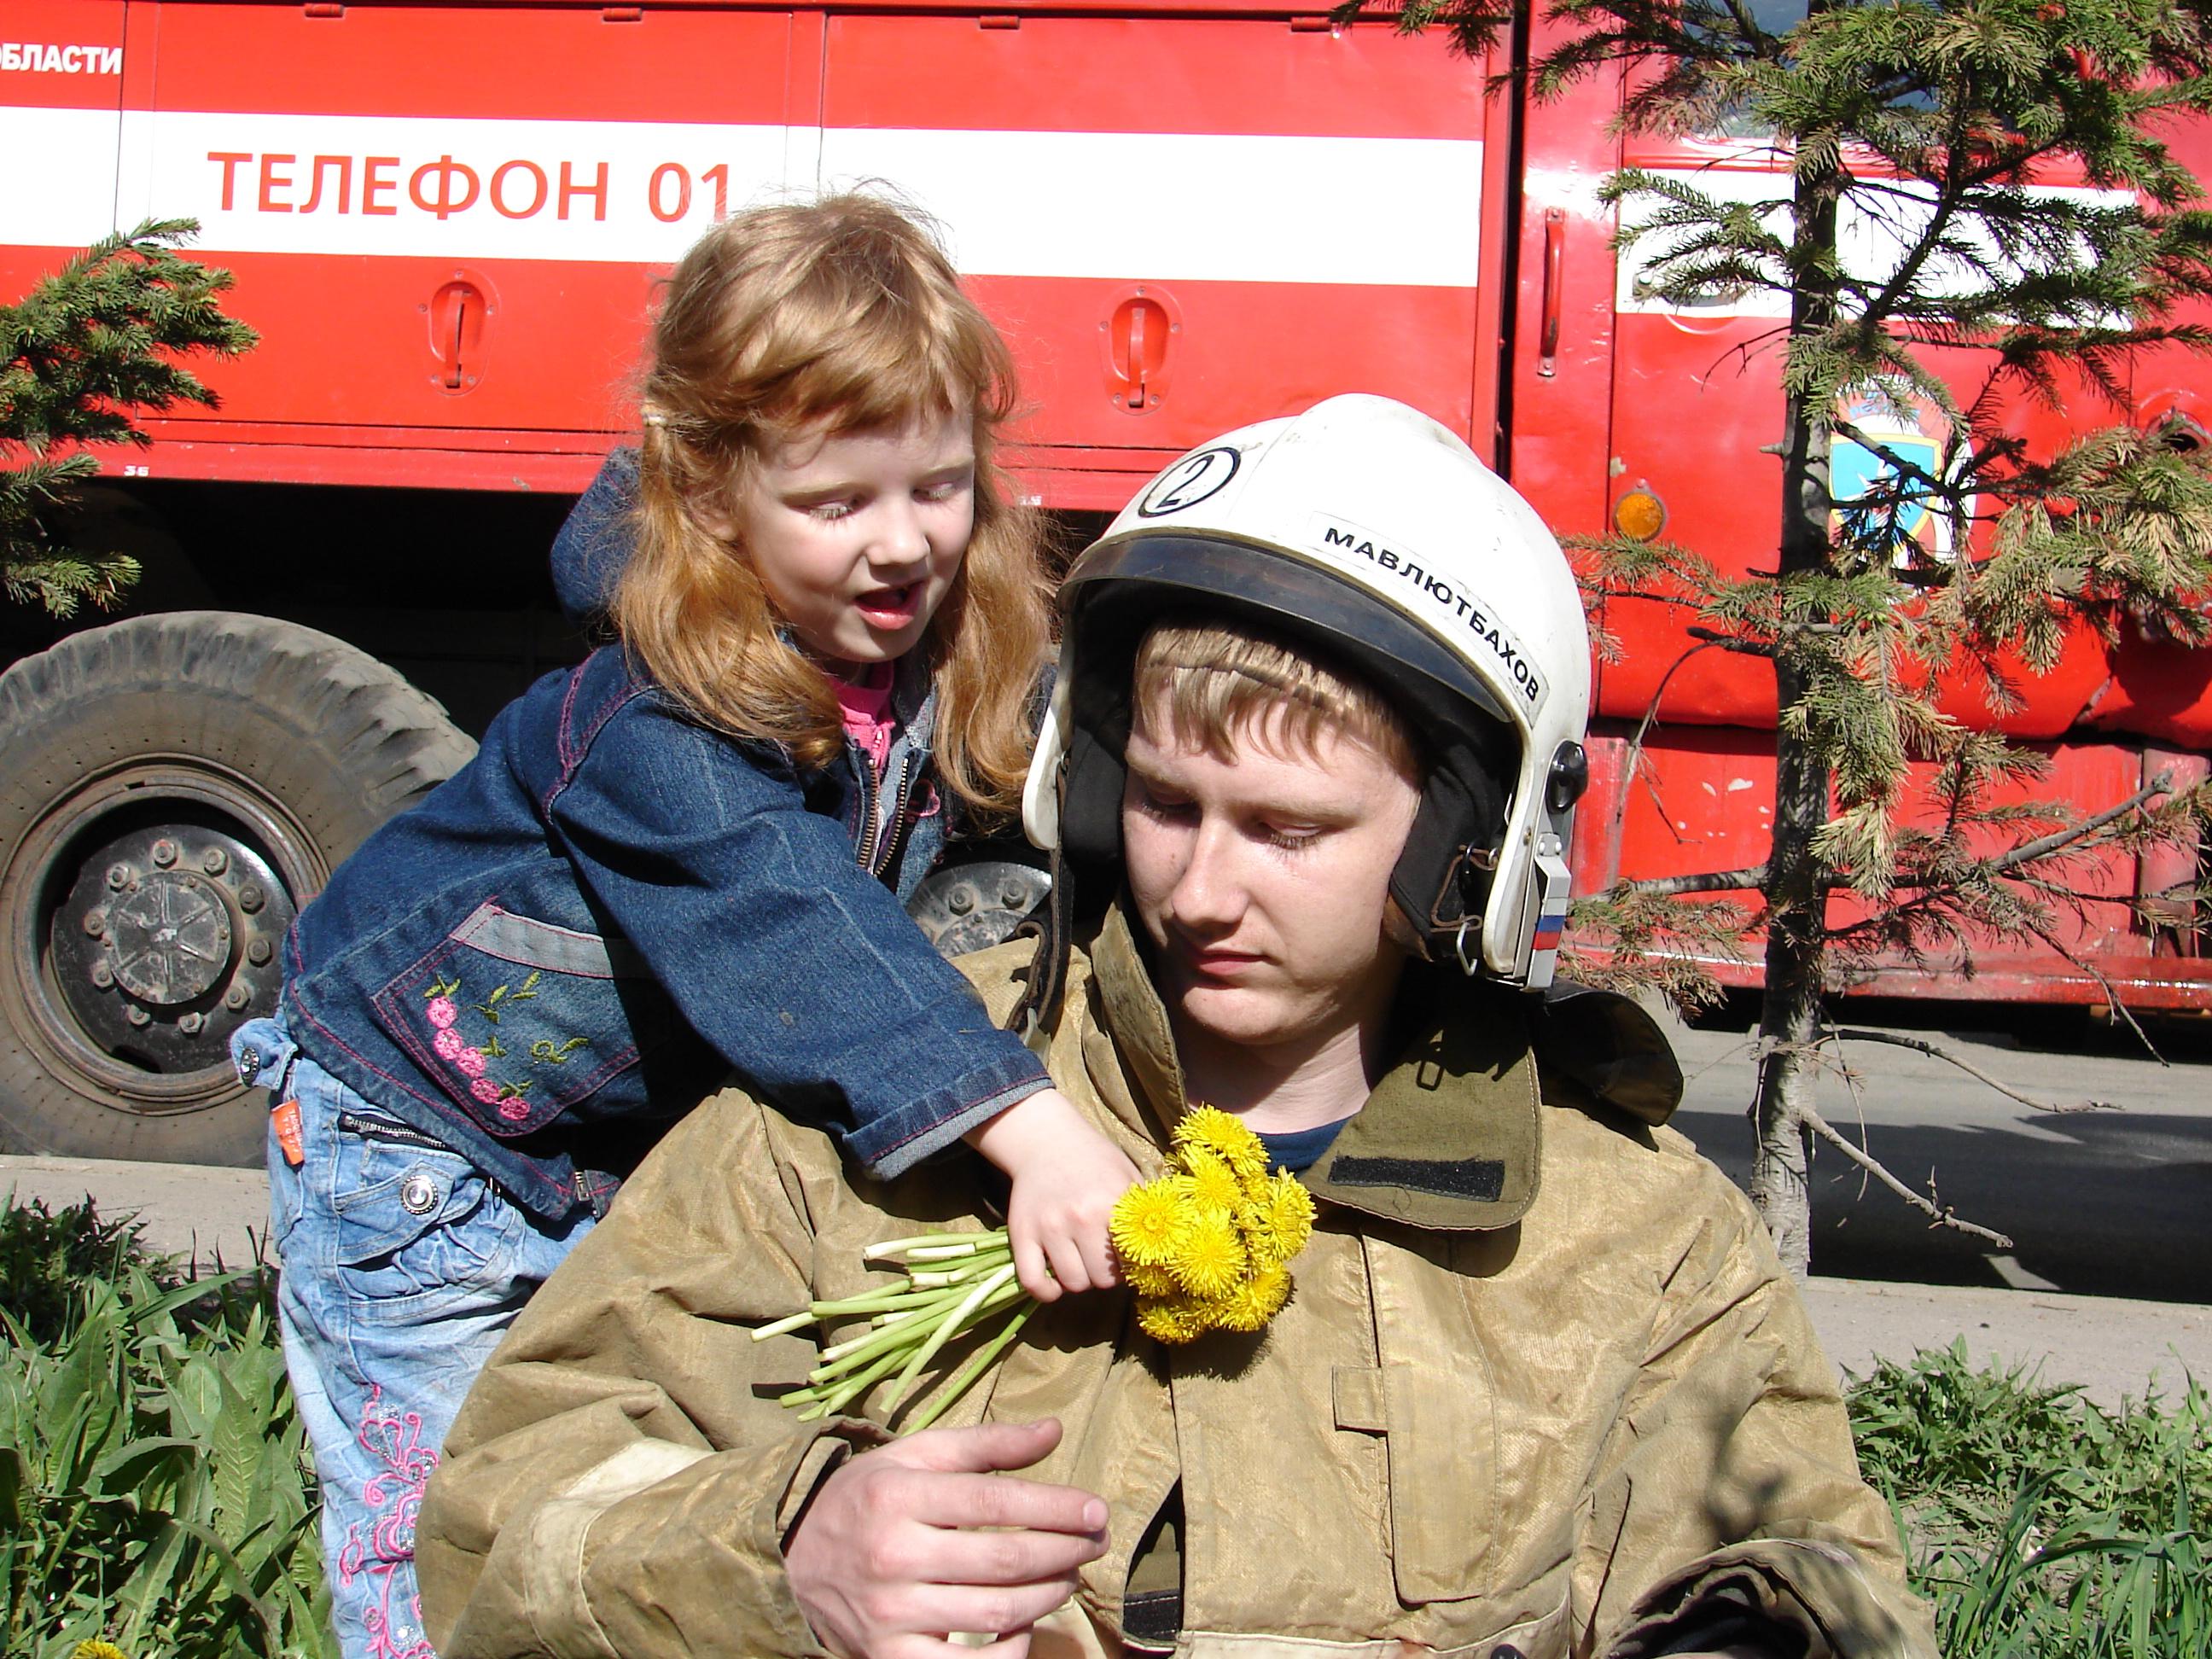 Федеральная противопожарная служба МЧС России. Краткая характеристика